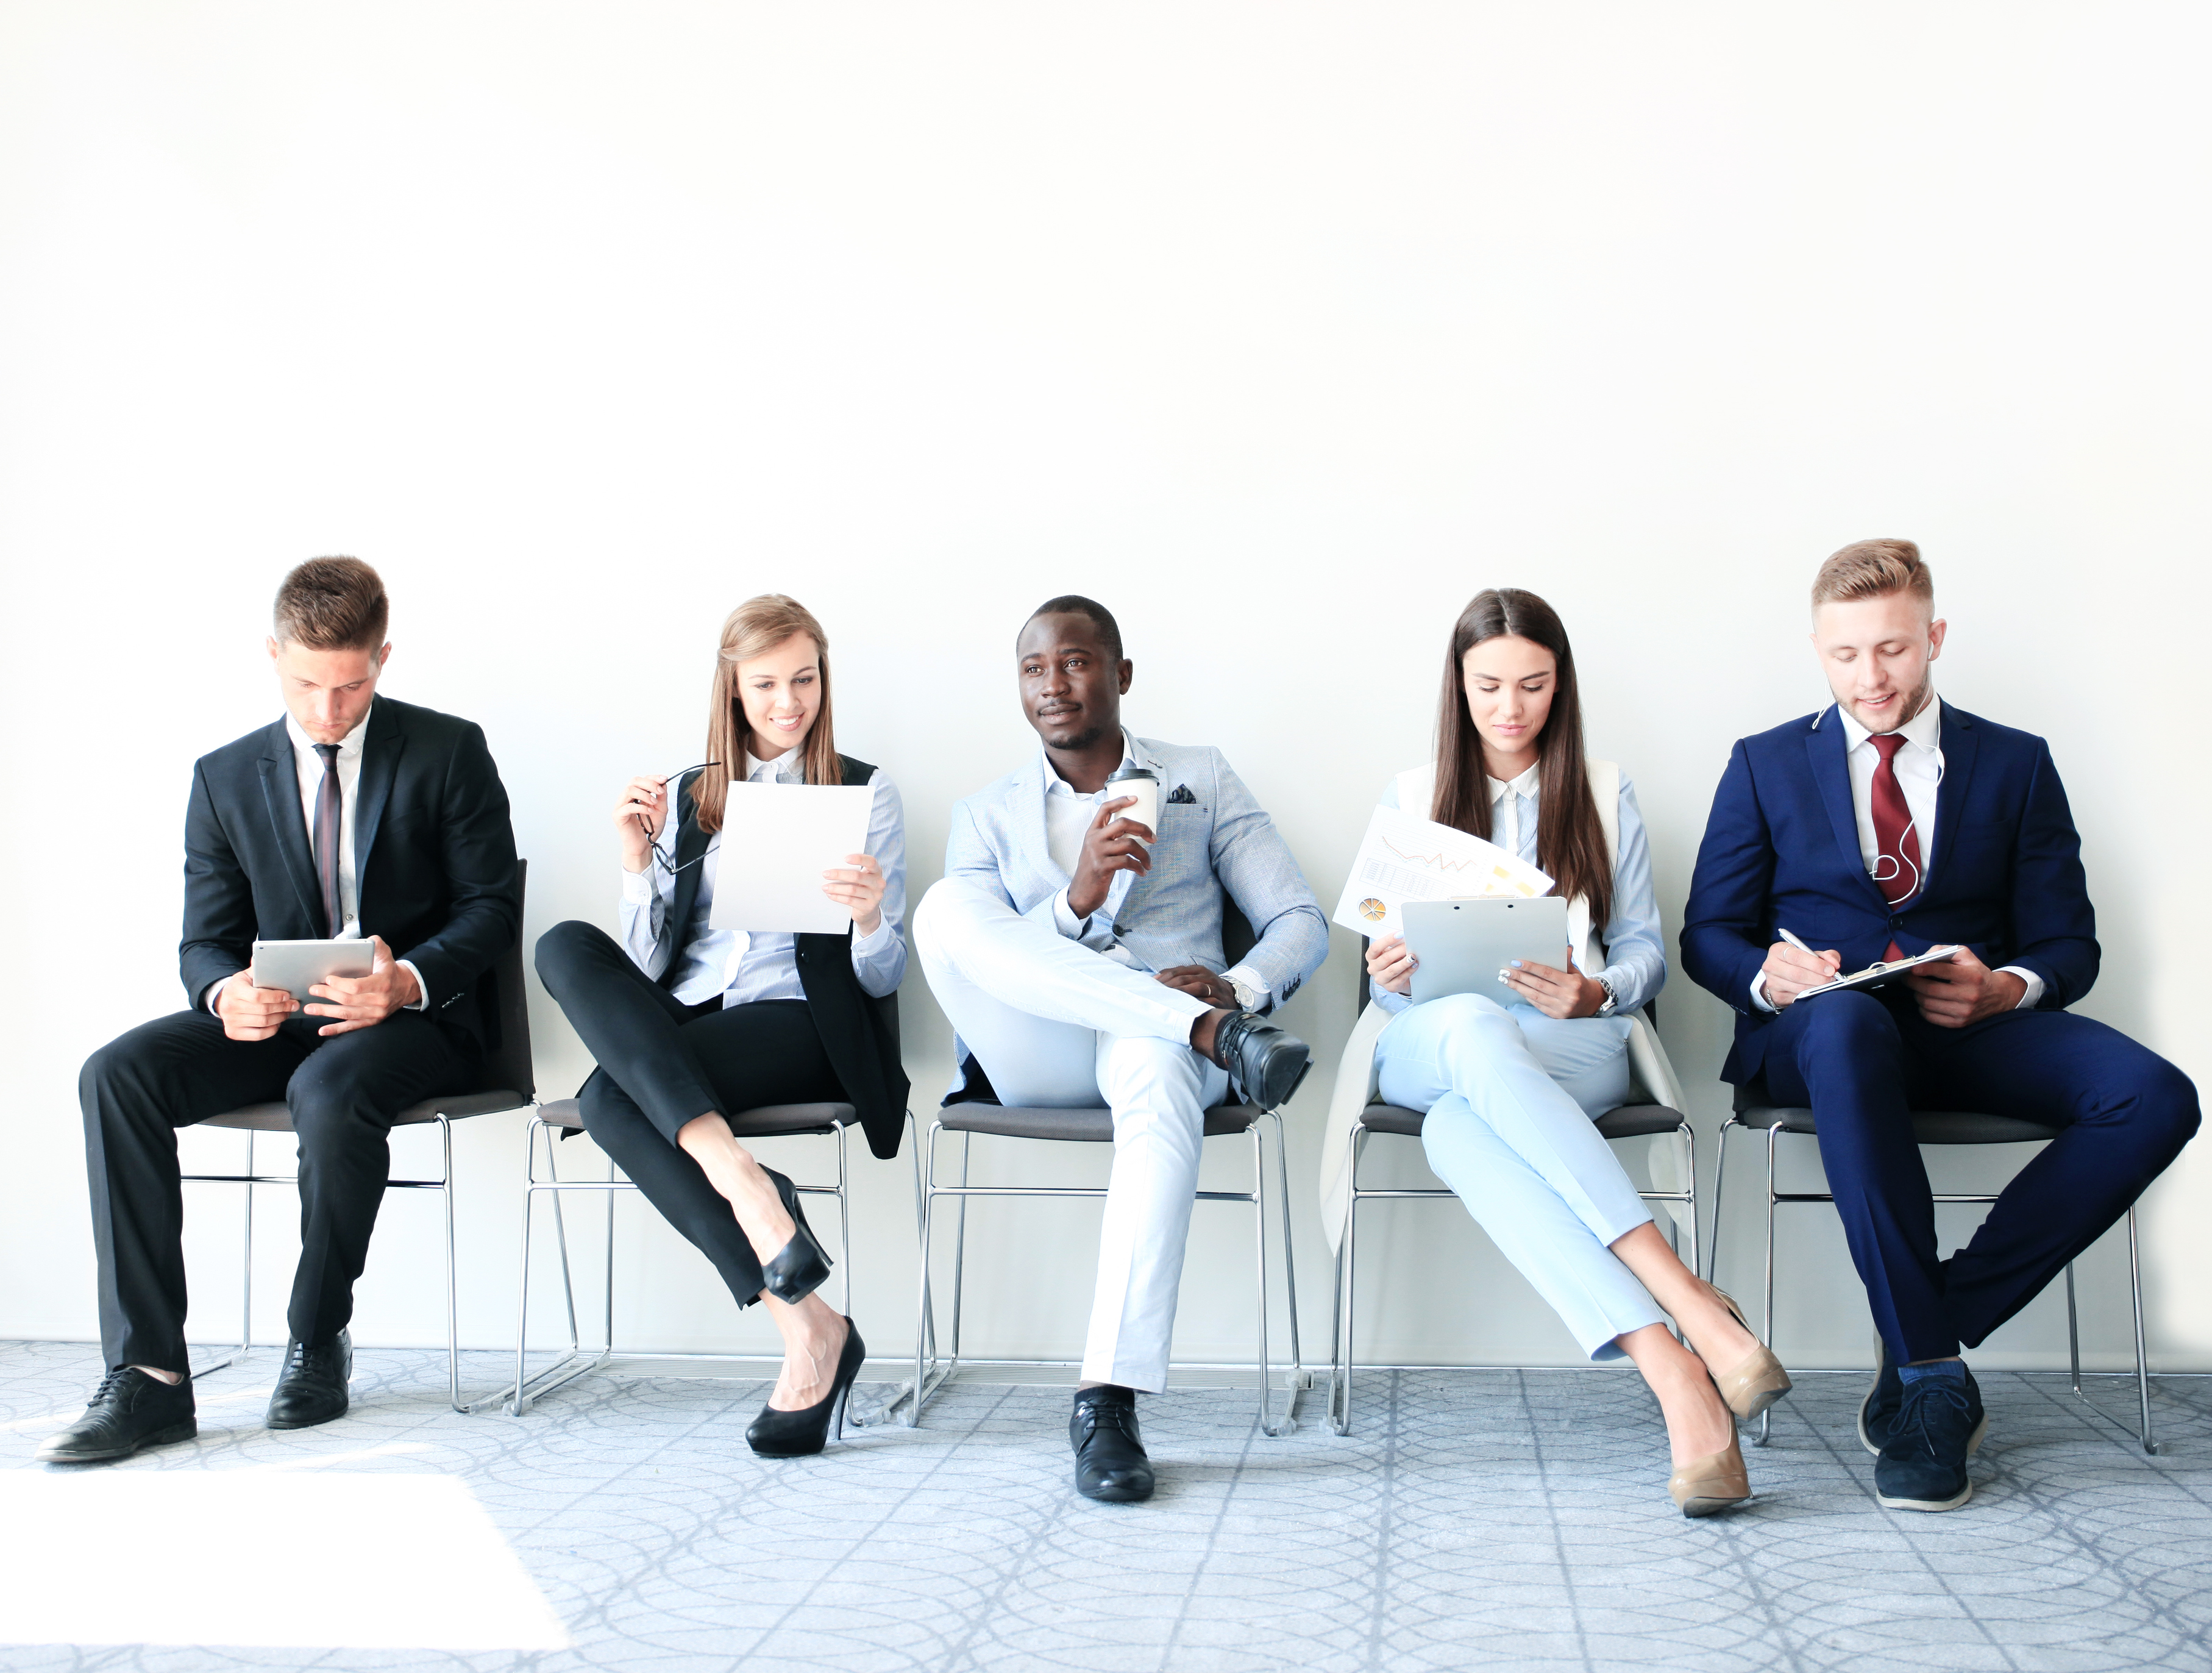 10 pontos no seu currículo que agradam os recrutadores